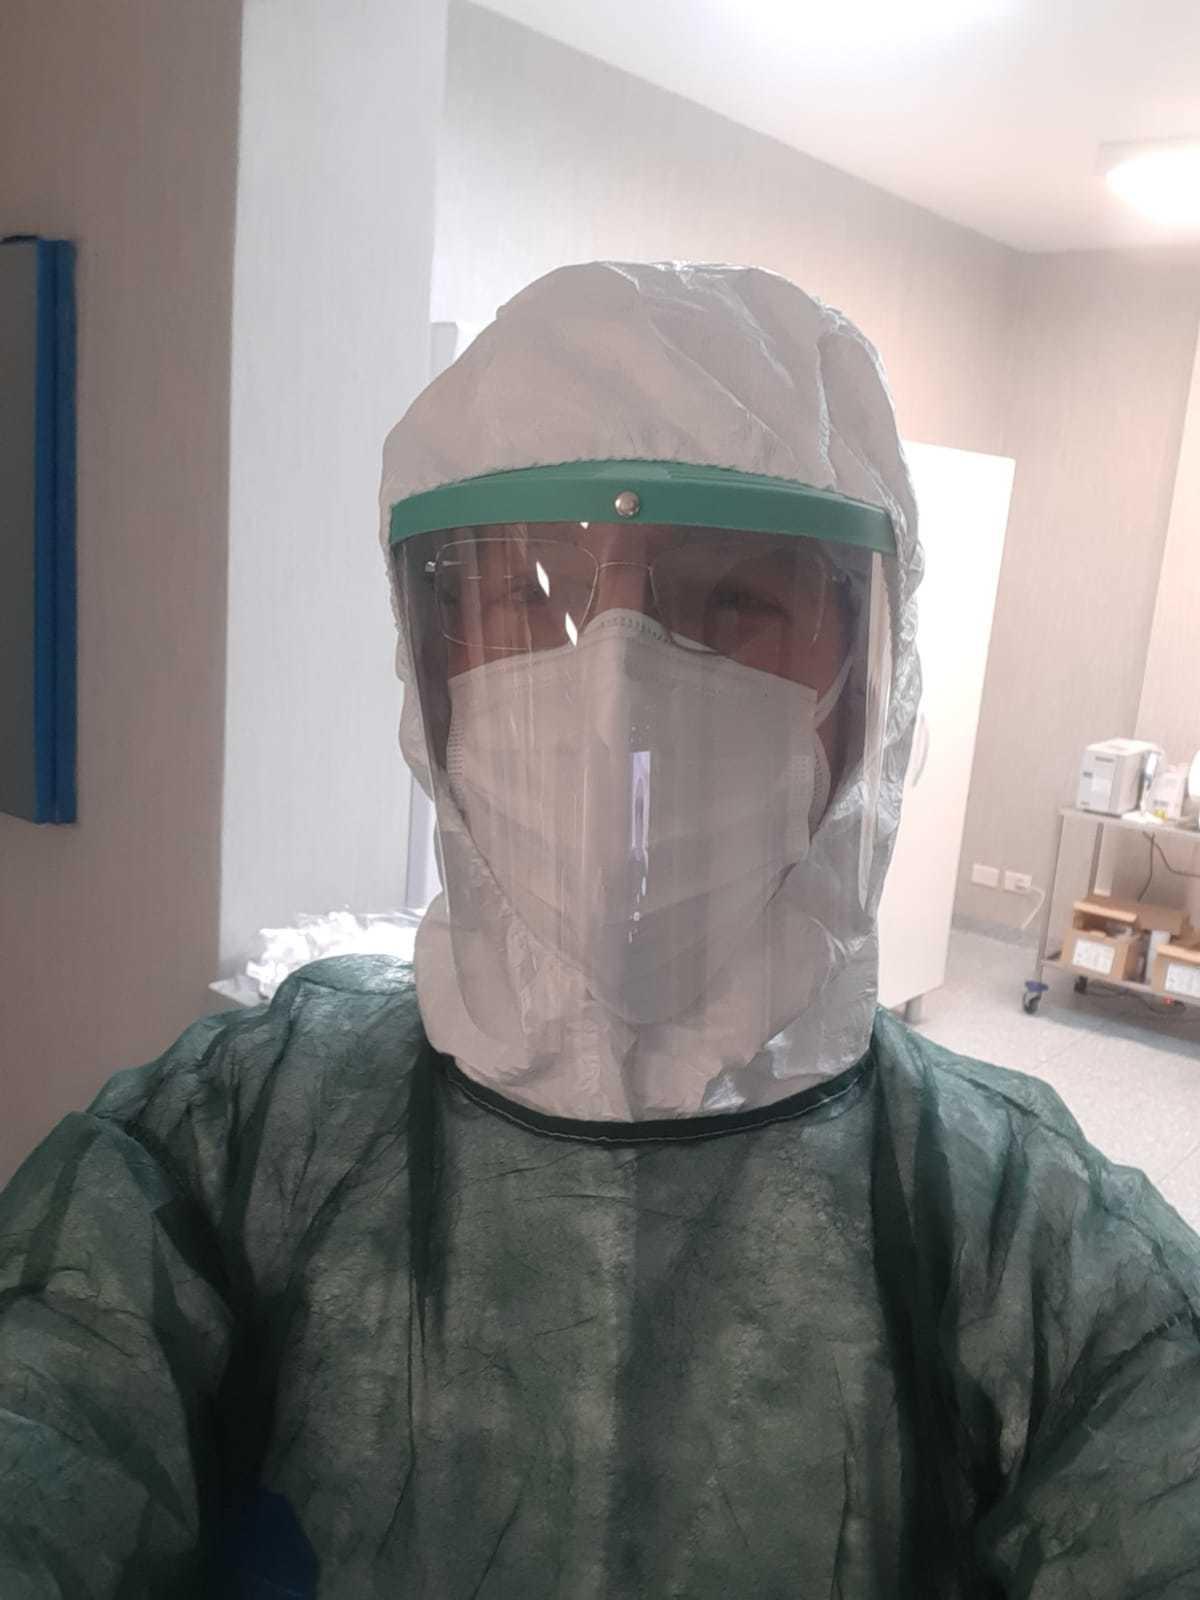 Nicola Tasca, protegido por su equipo de protección individual, en su trabajo como enfermero en el hospital de Bollate, en Milán.